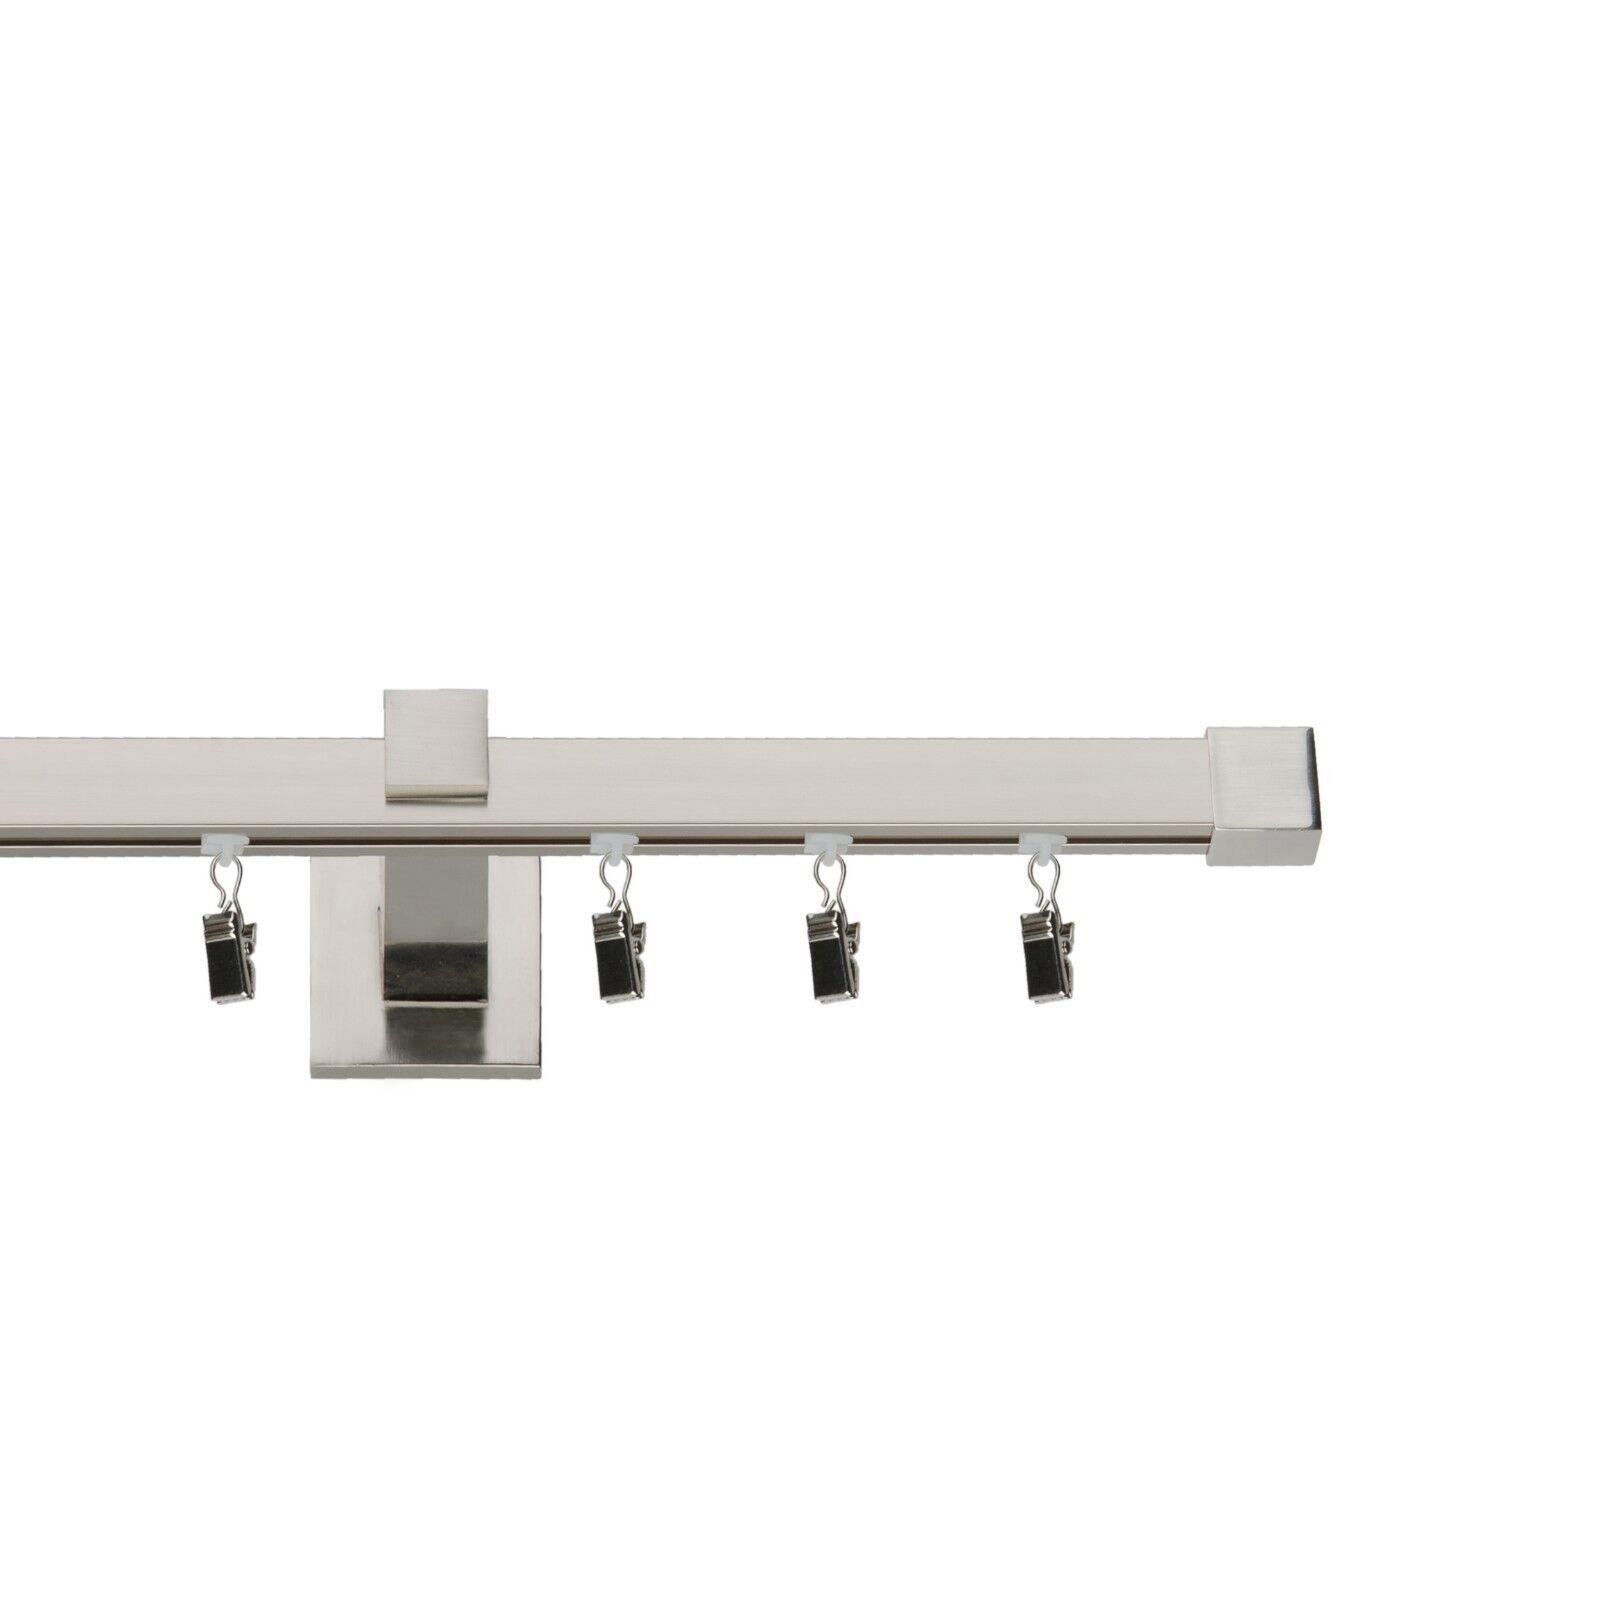 Gardinenstange Quadrat Innenlauf 20 20mm Edelstahllook, 1 2-läufig, 2-läufig, 2-läufig, Topqualität  | Good Design  d9088e